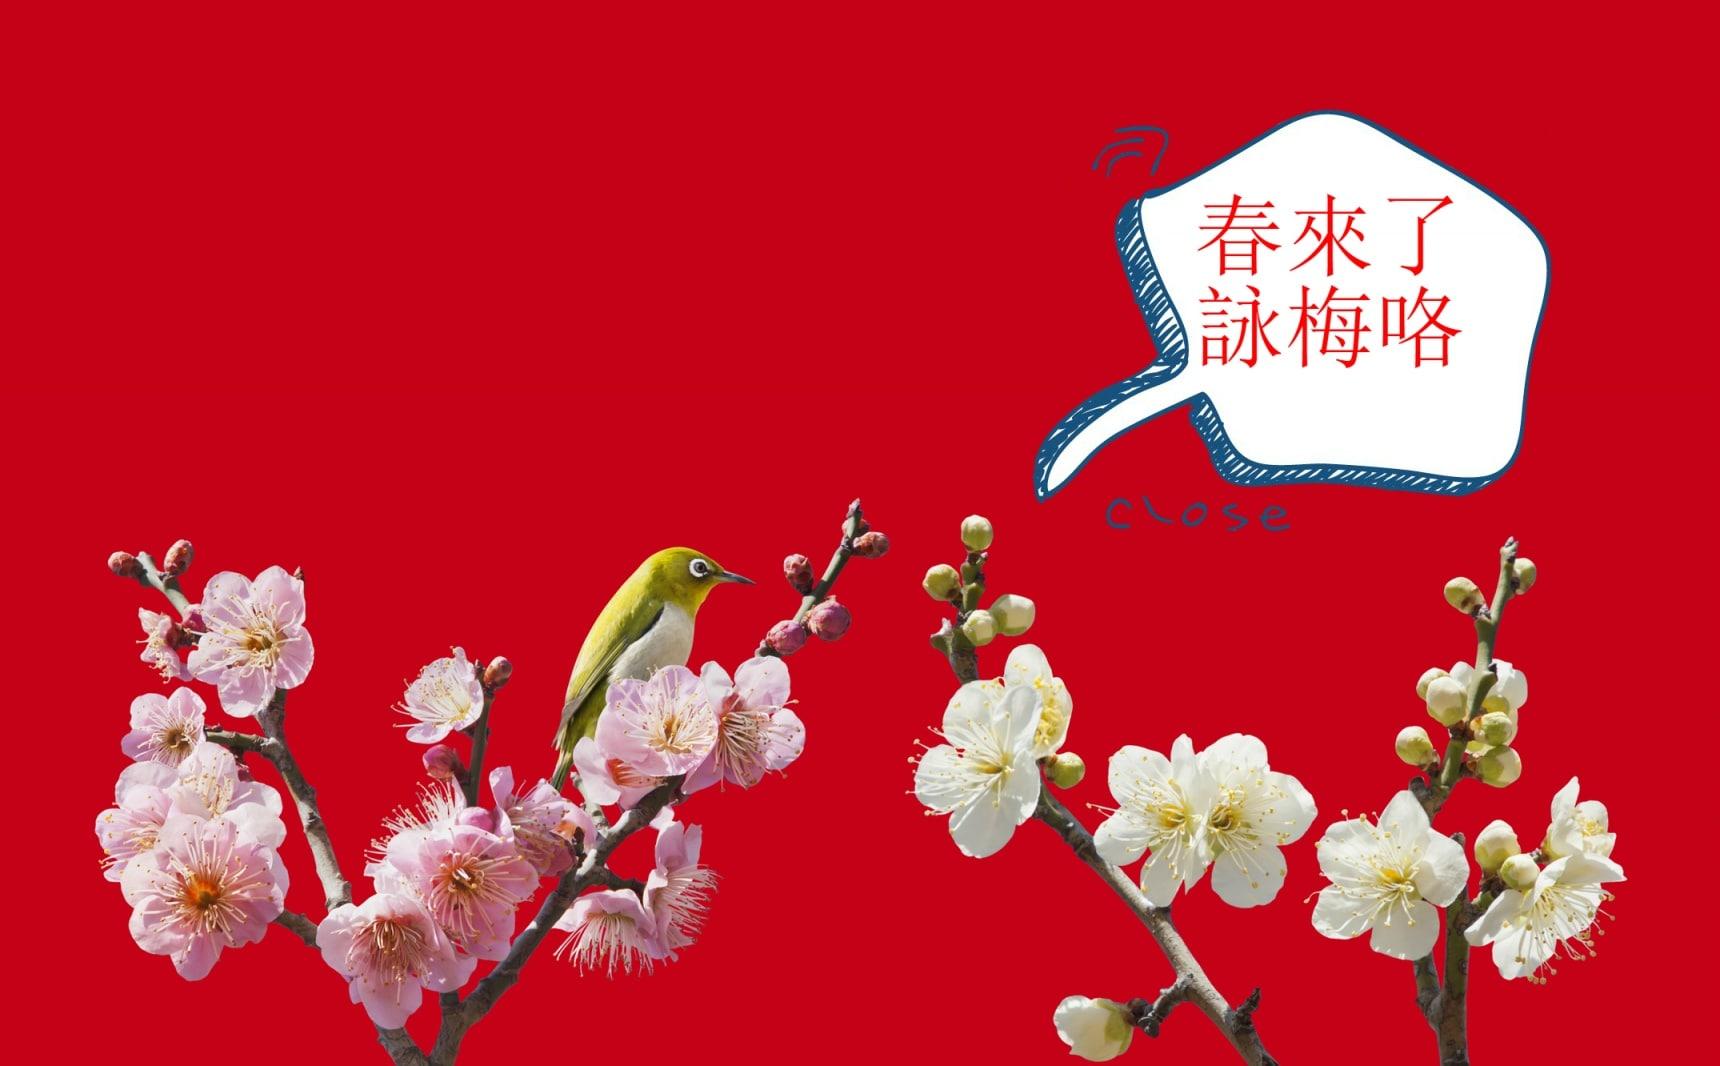 【神奈川自由行】置身曽我別所梅林,你也能明白春暖為何會花開